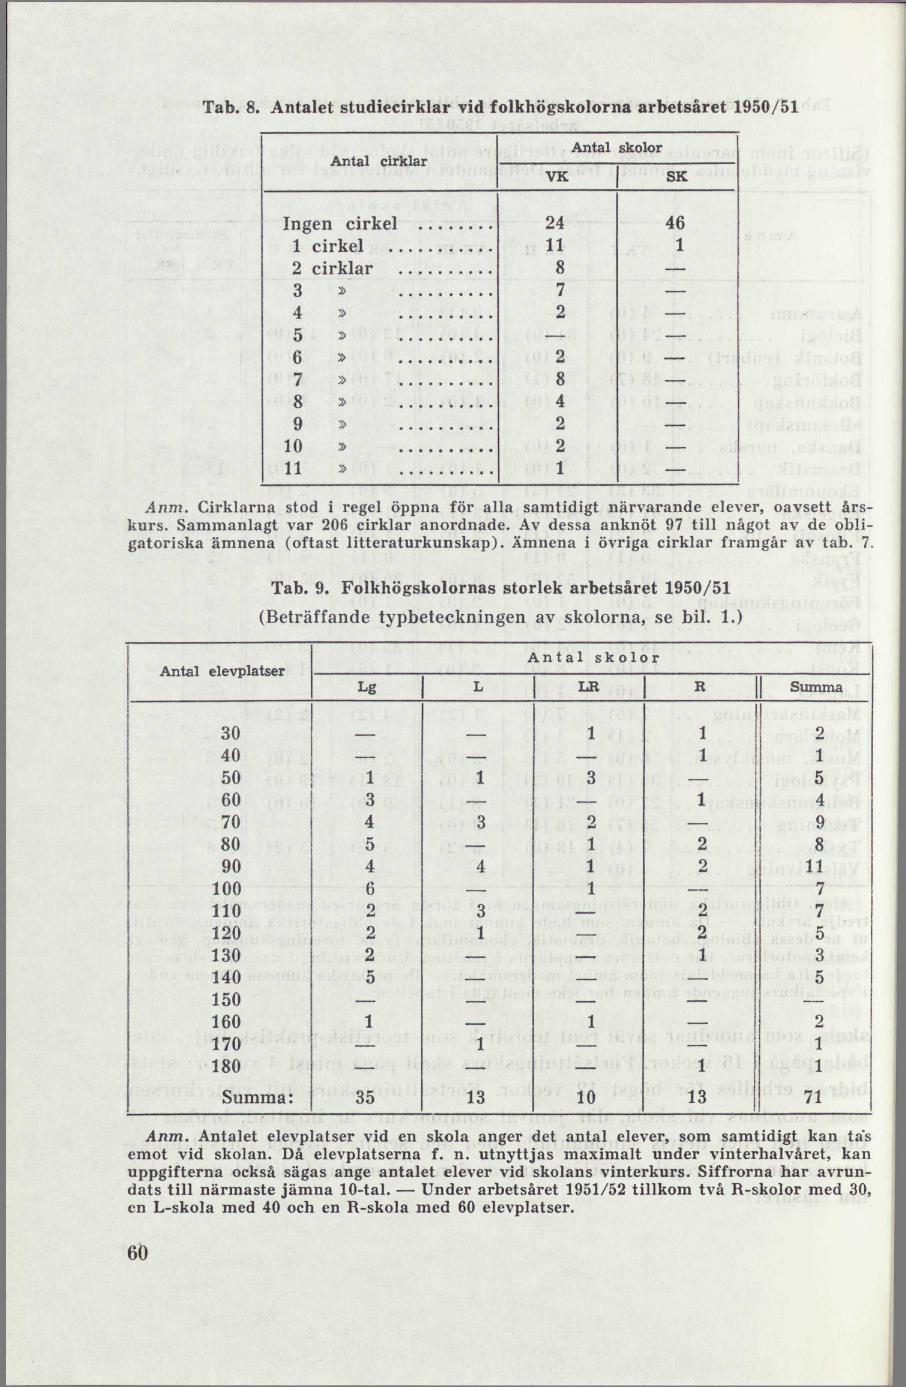 Folkhögskolans ställning och uppgifter  41e2b5fcf8544